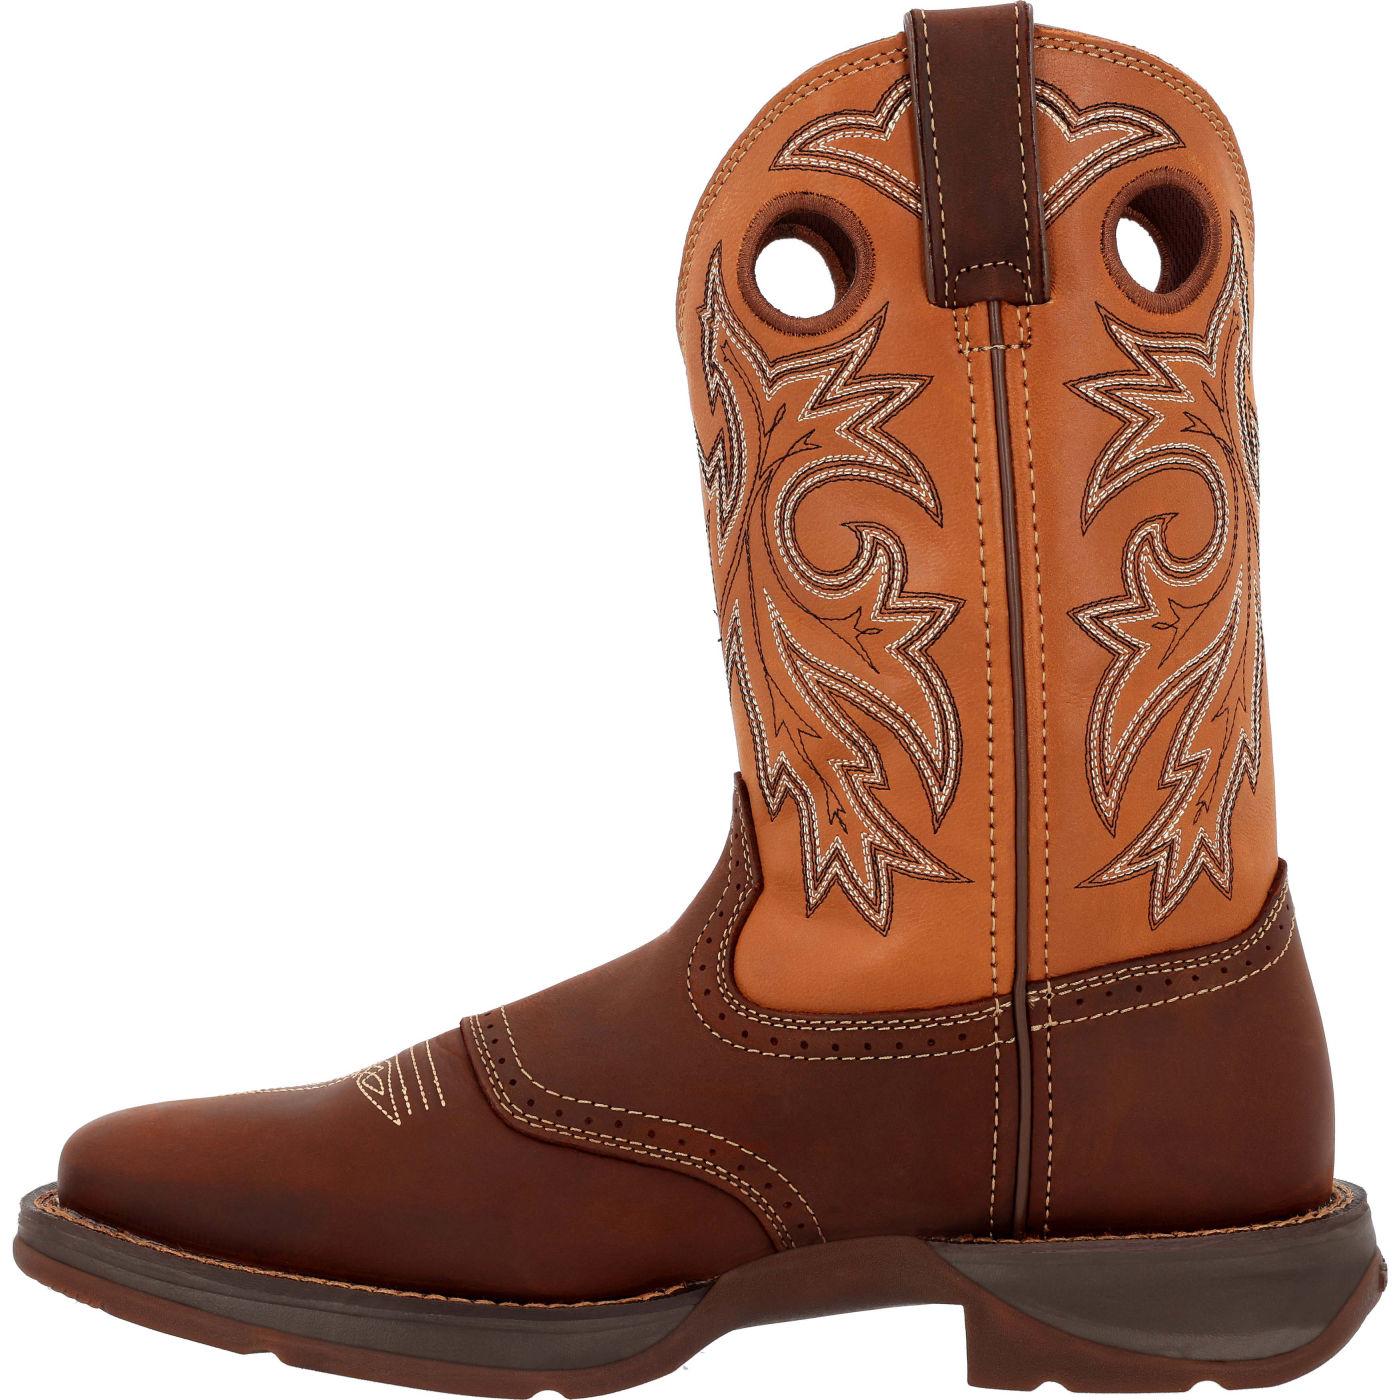 7a43fd7e5d9 Rebel by Durango Steel Toe Waterproof Western Boot